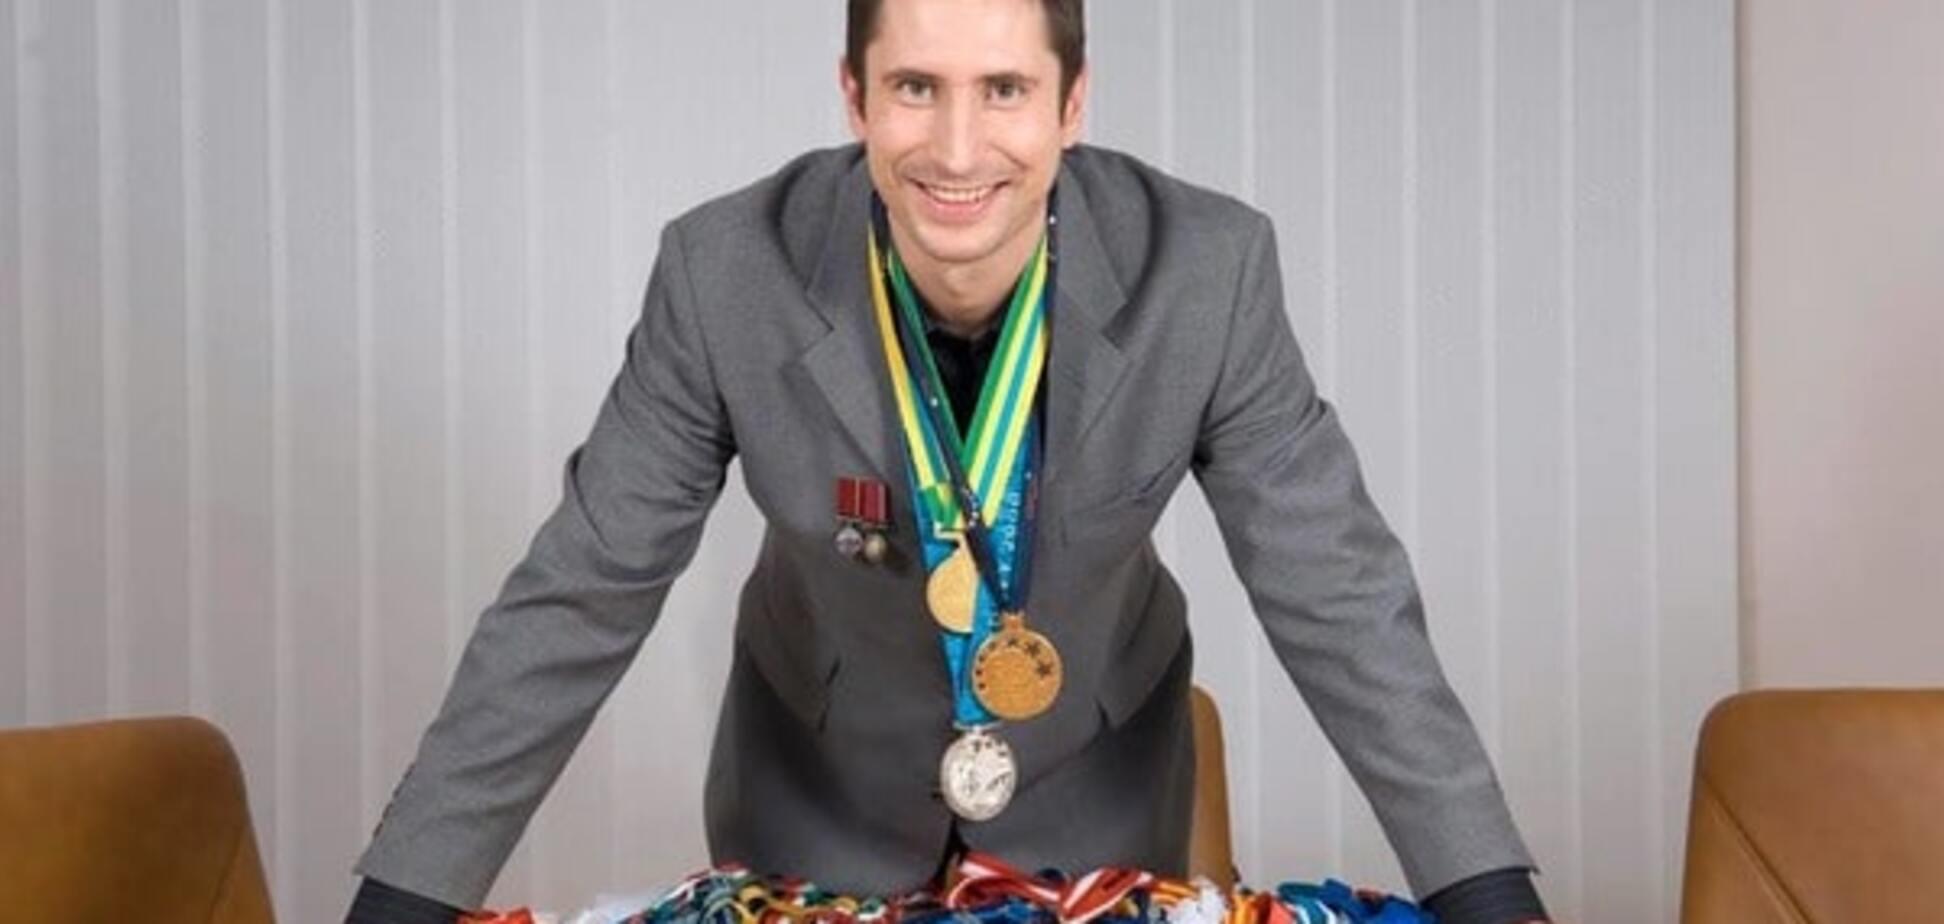 Легендарний український чемпіон порівняв Олімпіаду із комунізмом